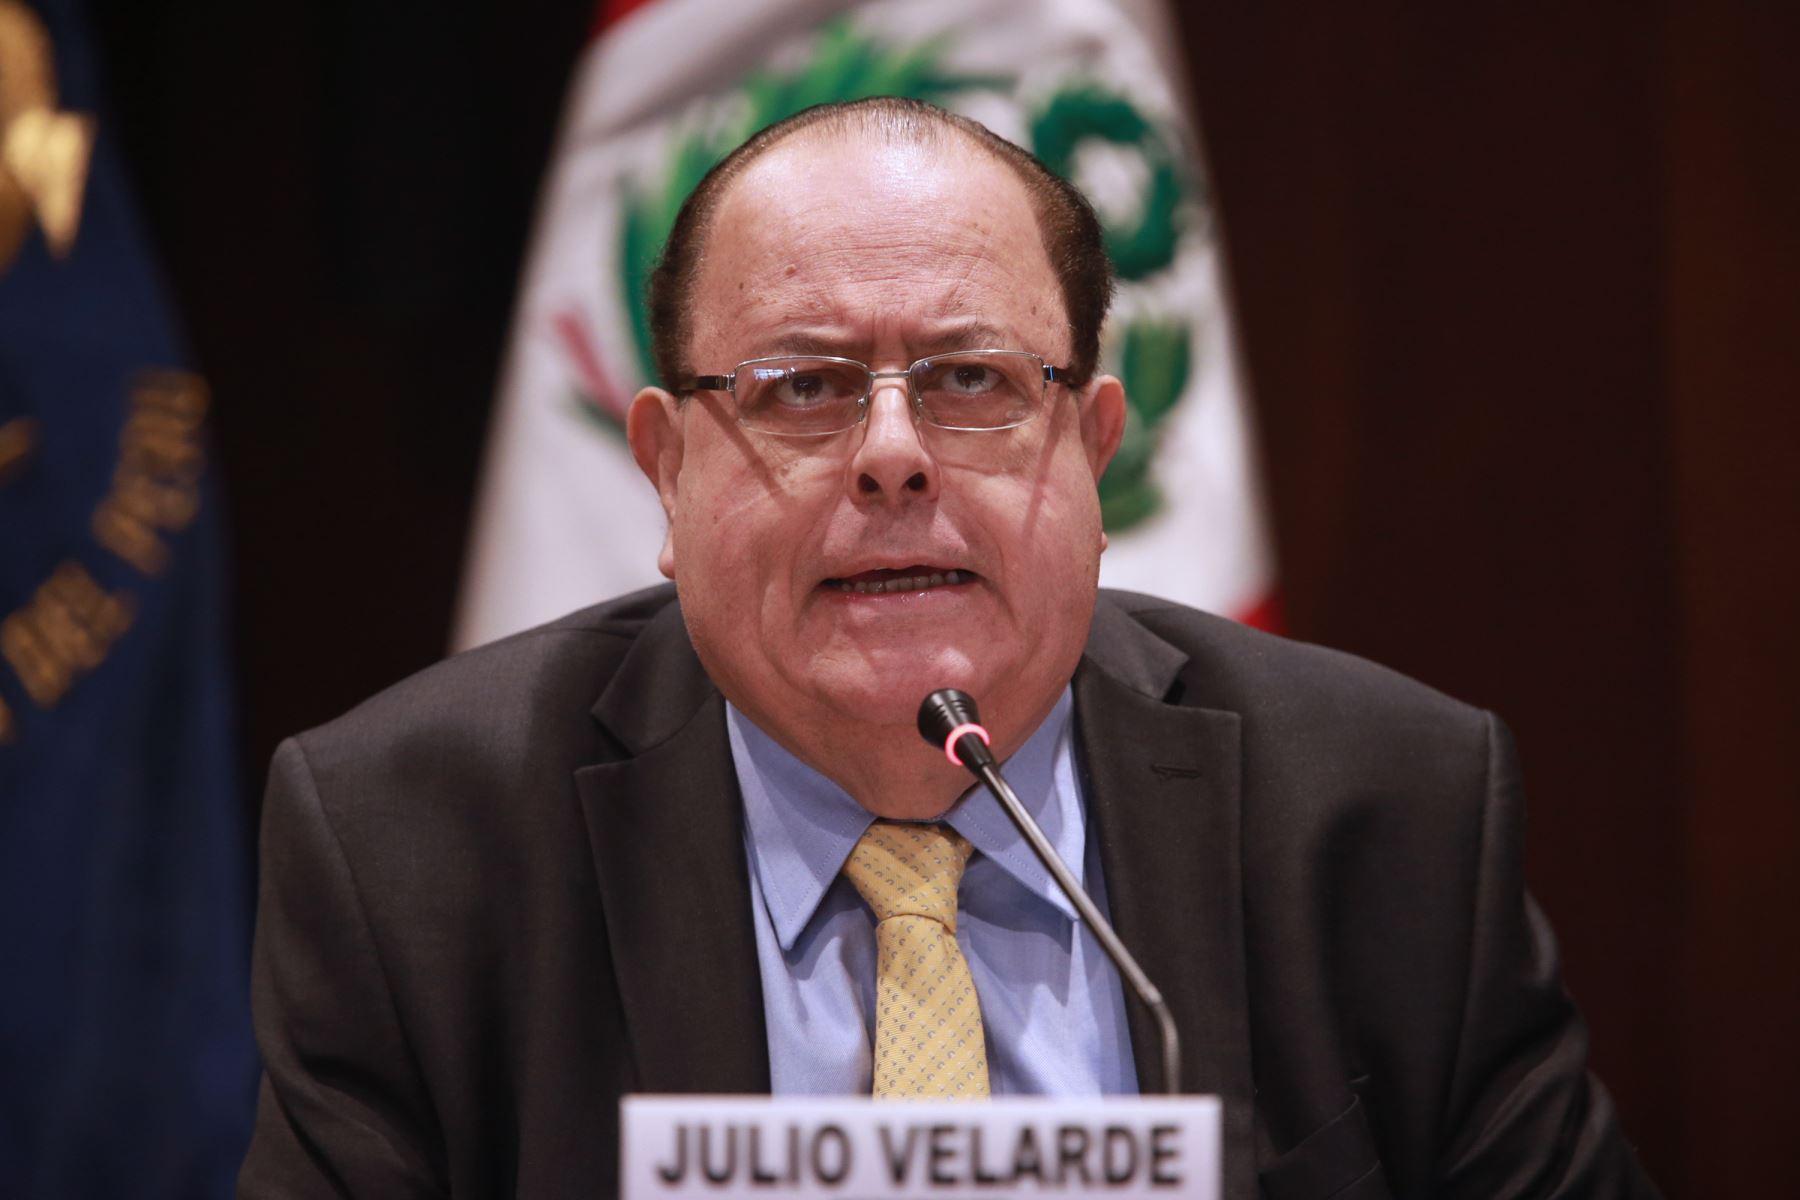 Resultado de imagen para Julio Velarde